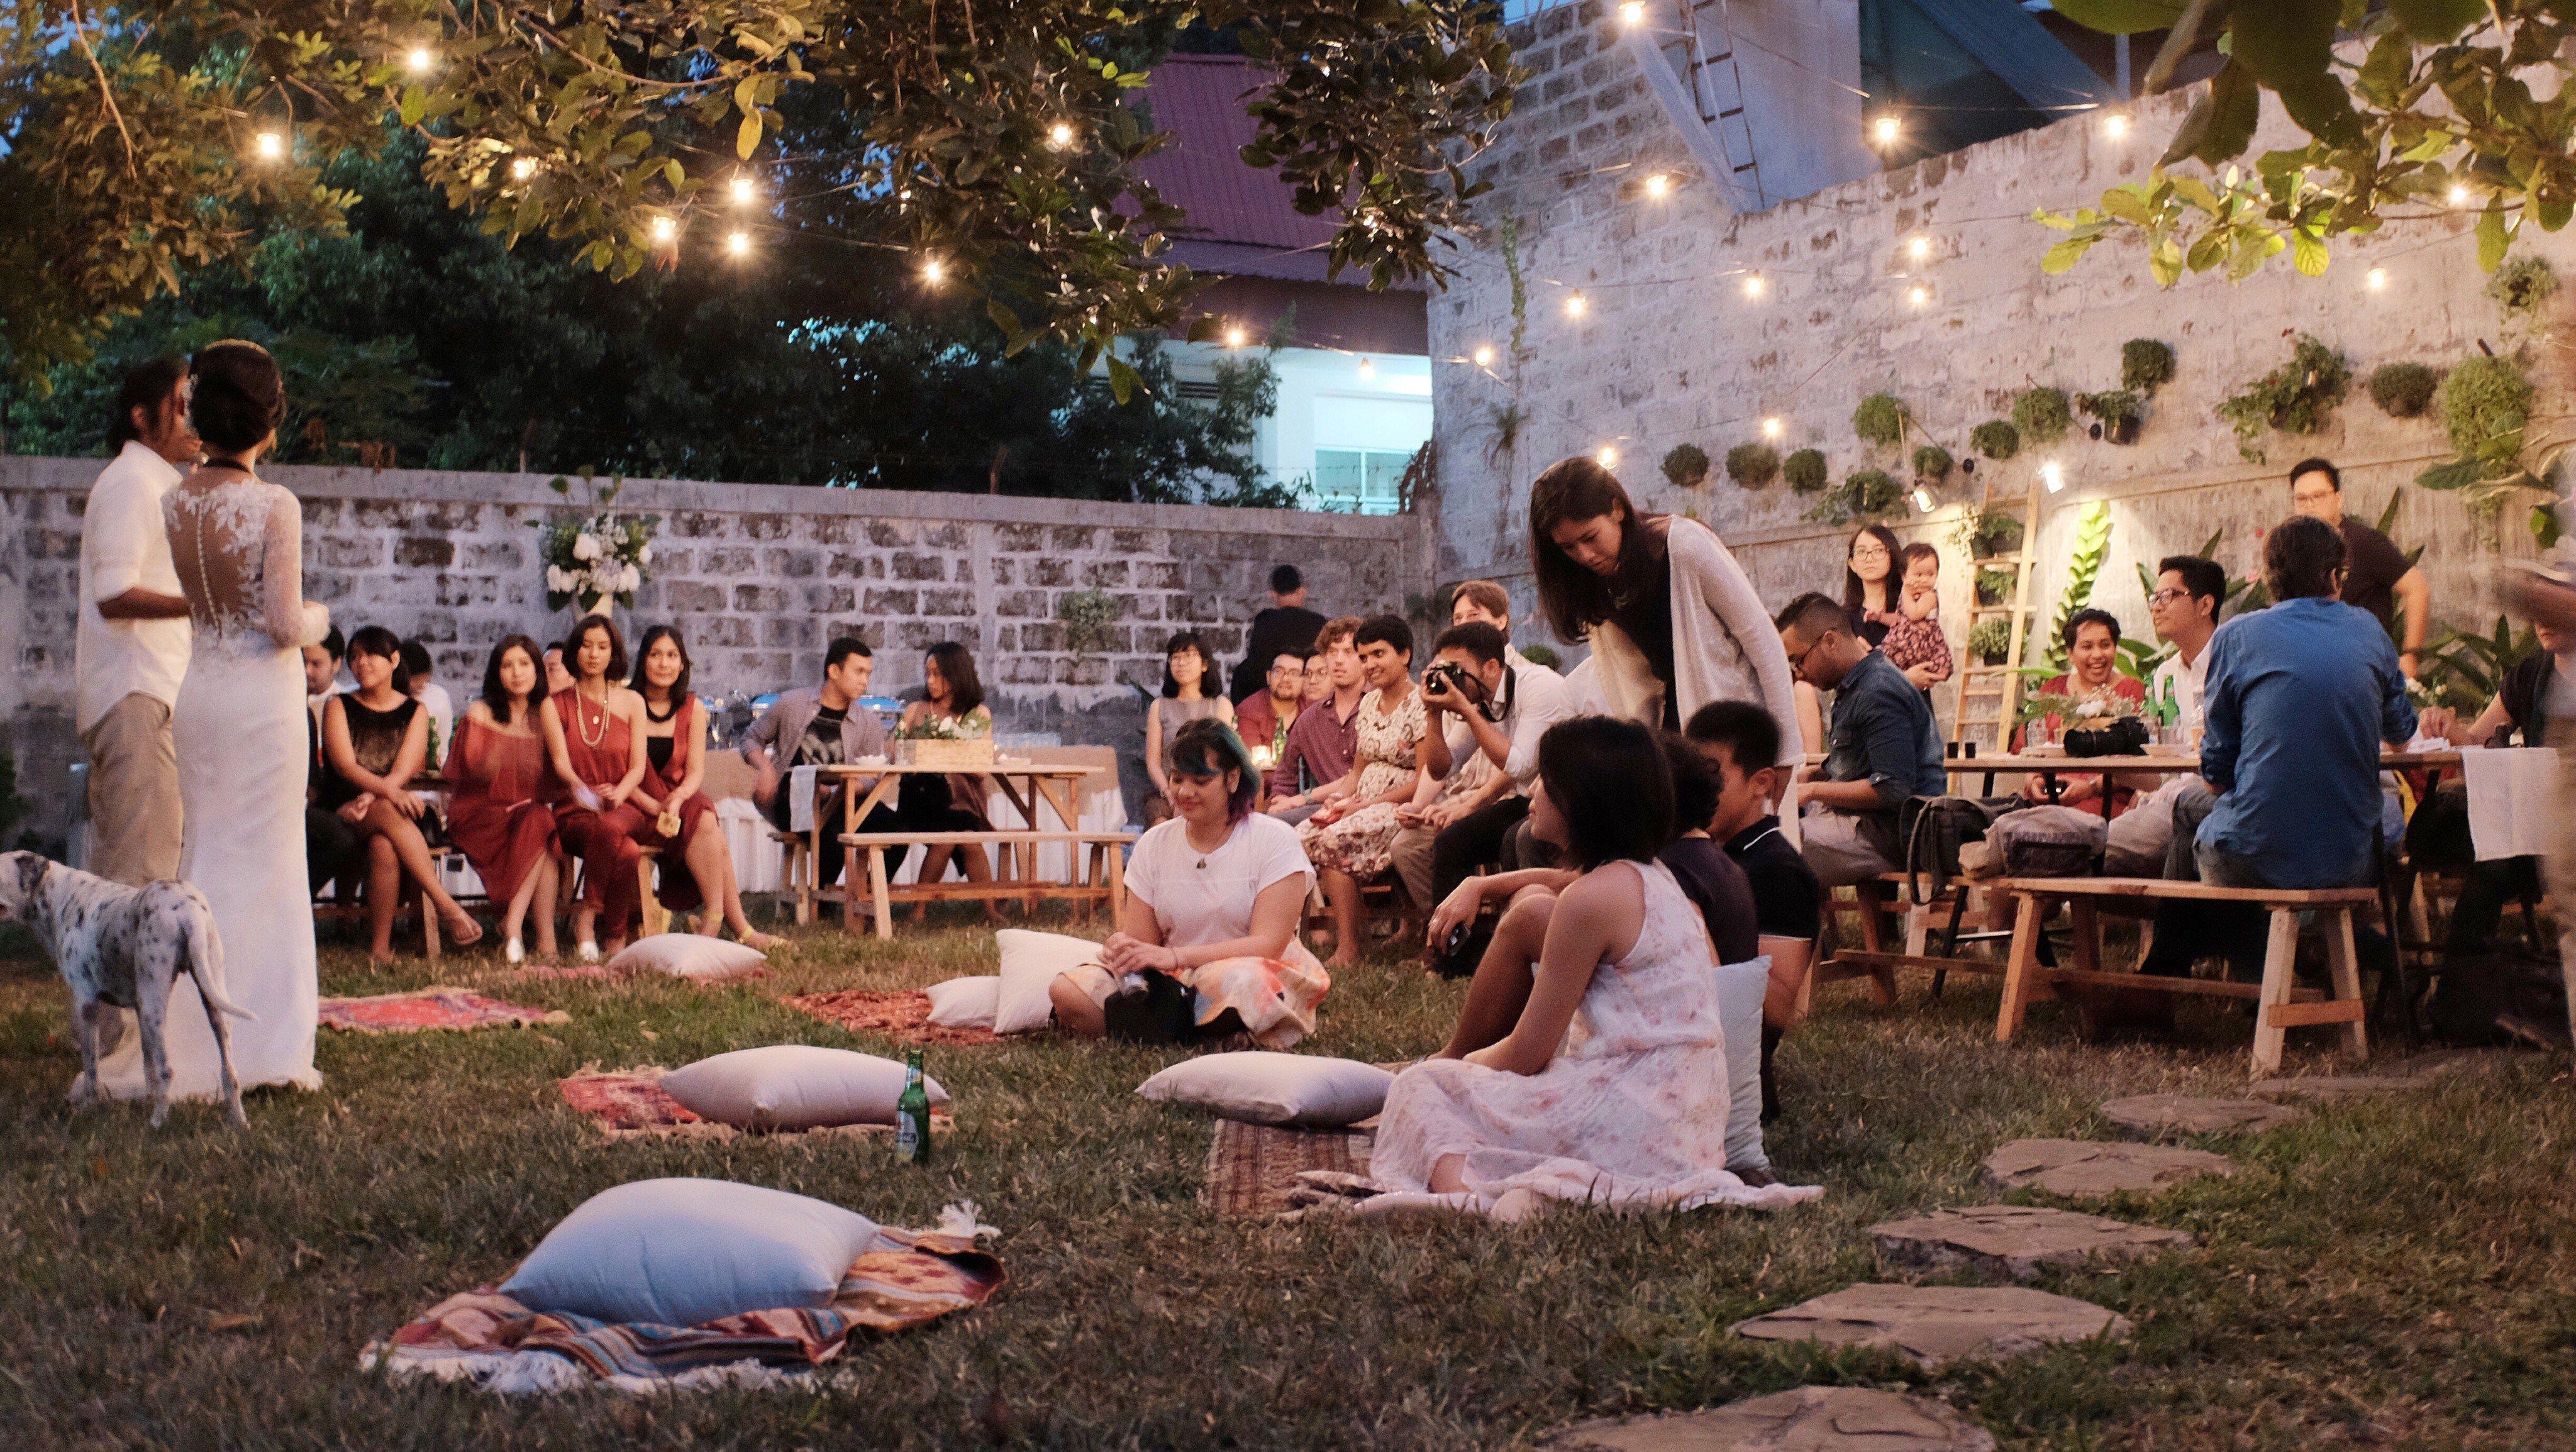 Intimate Rustic Backyard Wedding: Intimate Backyard Wedding Of Rara And Ben